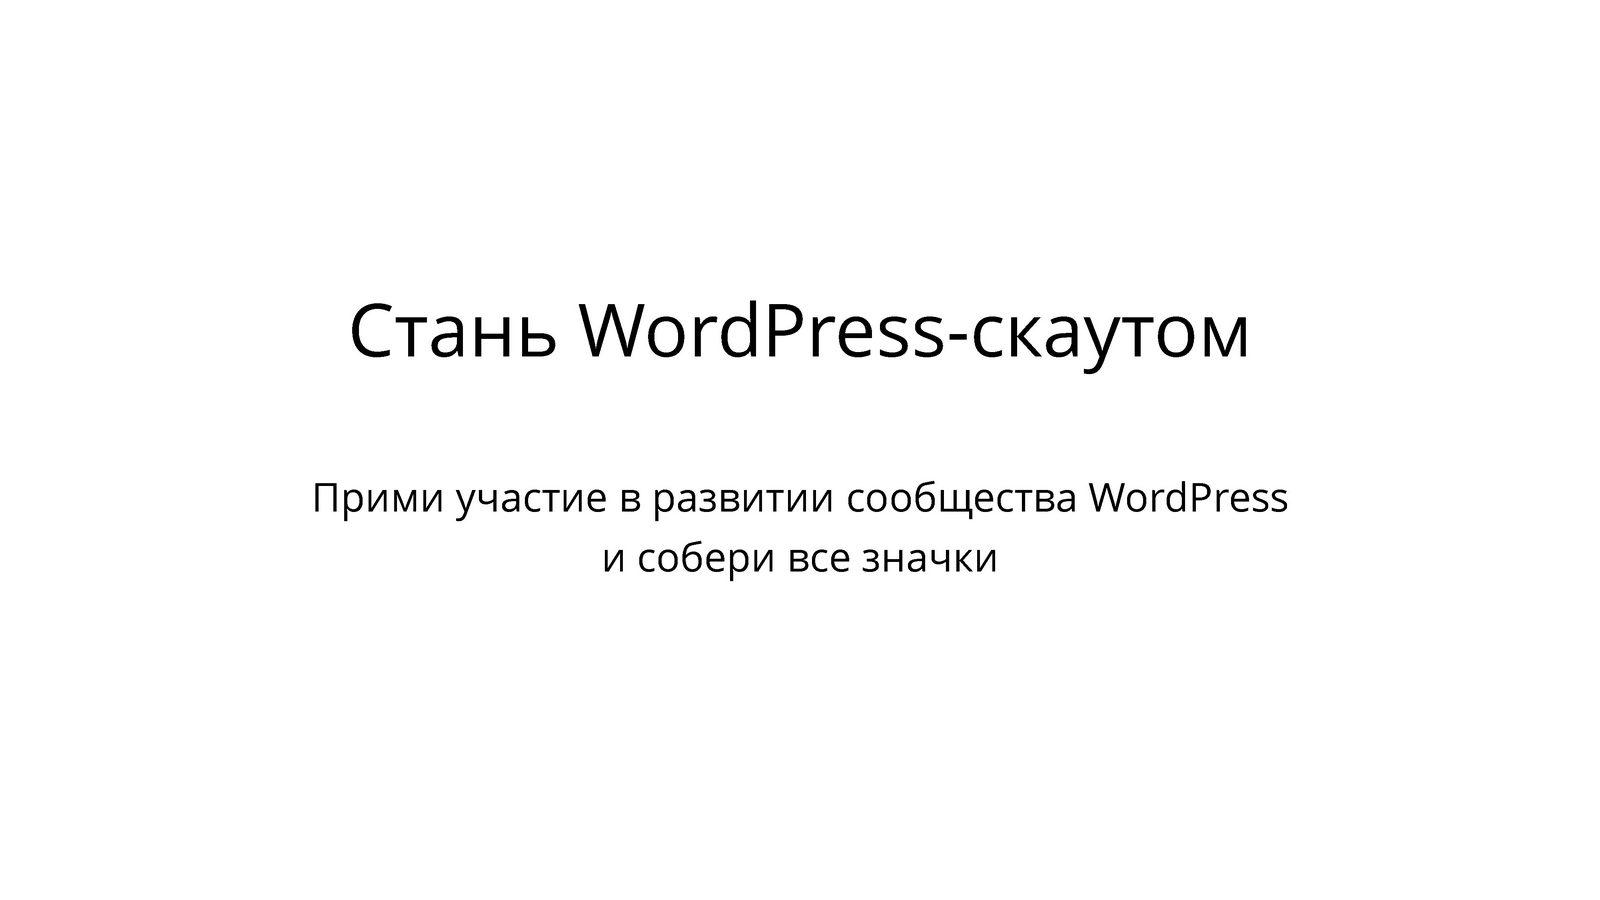 Стань WordPress-скаутом — Денис Янчевский_Page_03